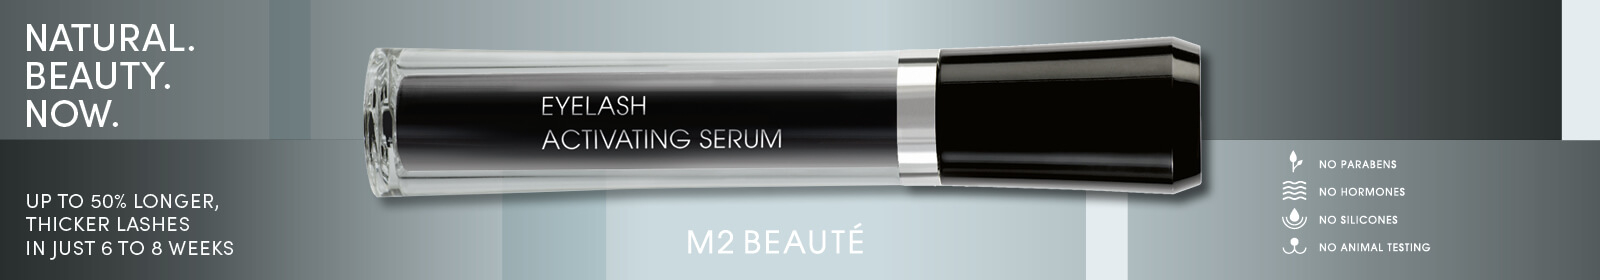 cosmetice/ingrijire-ten m2_beaute